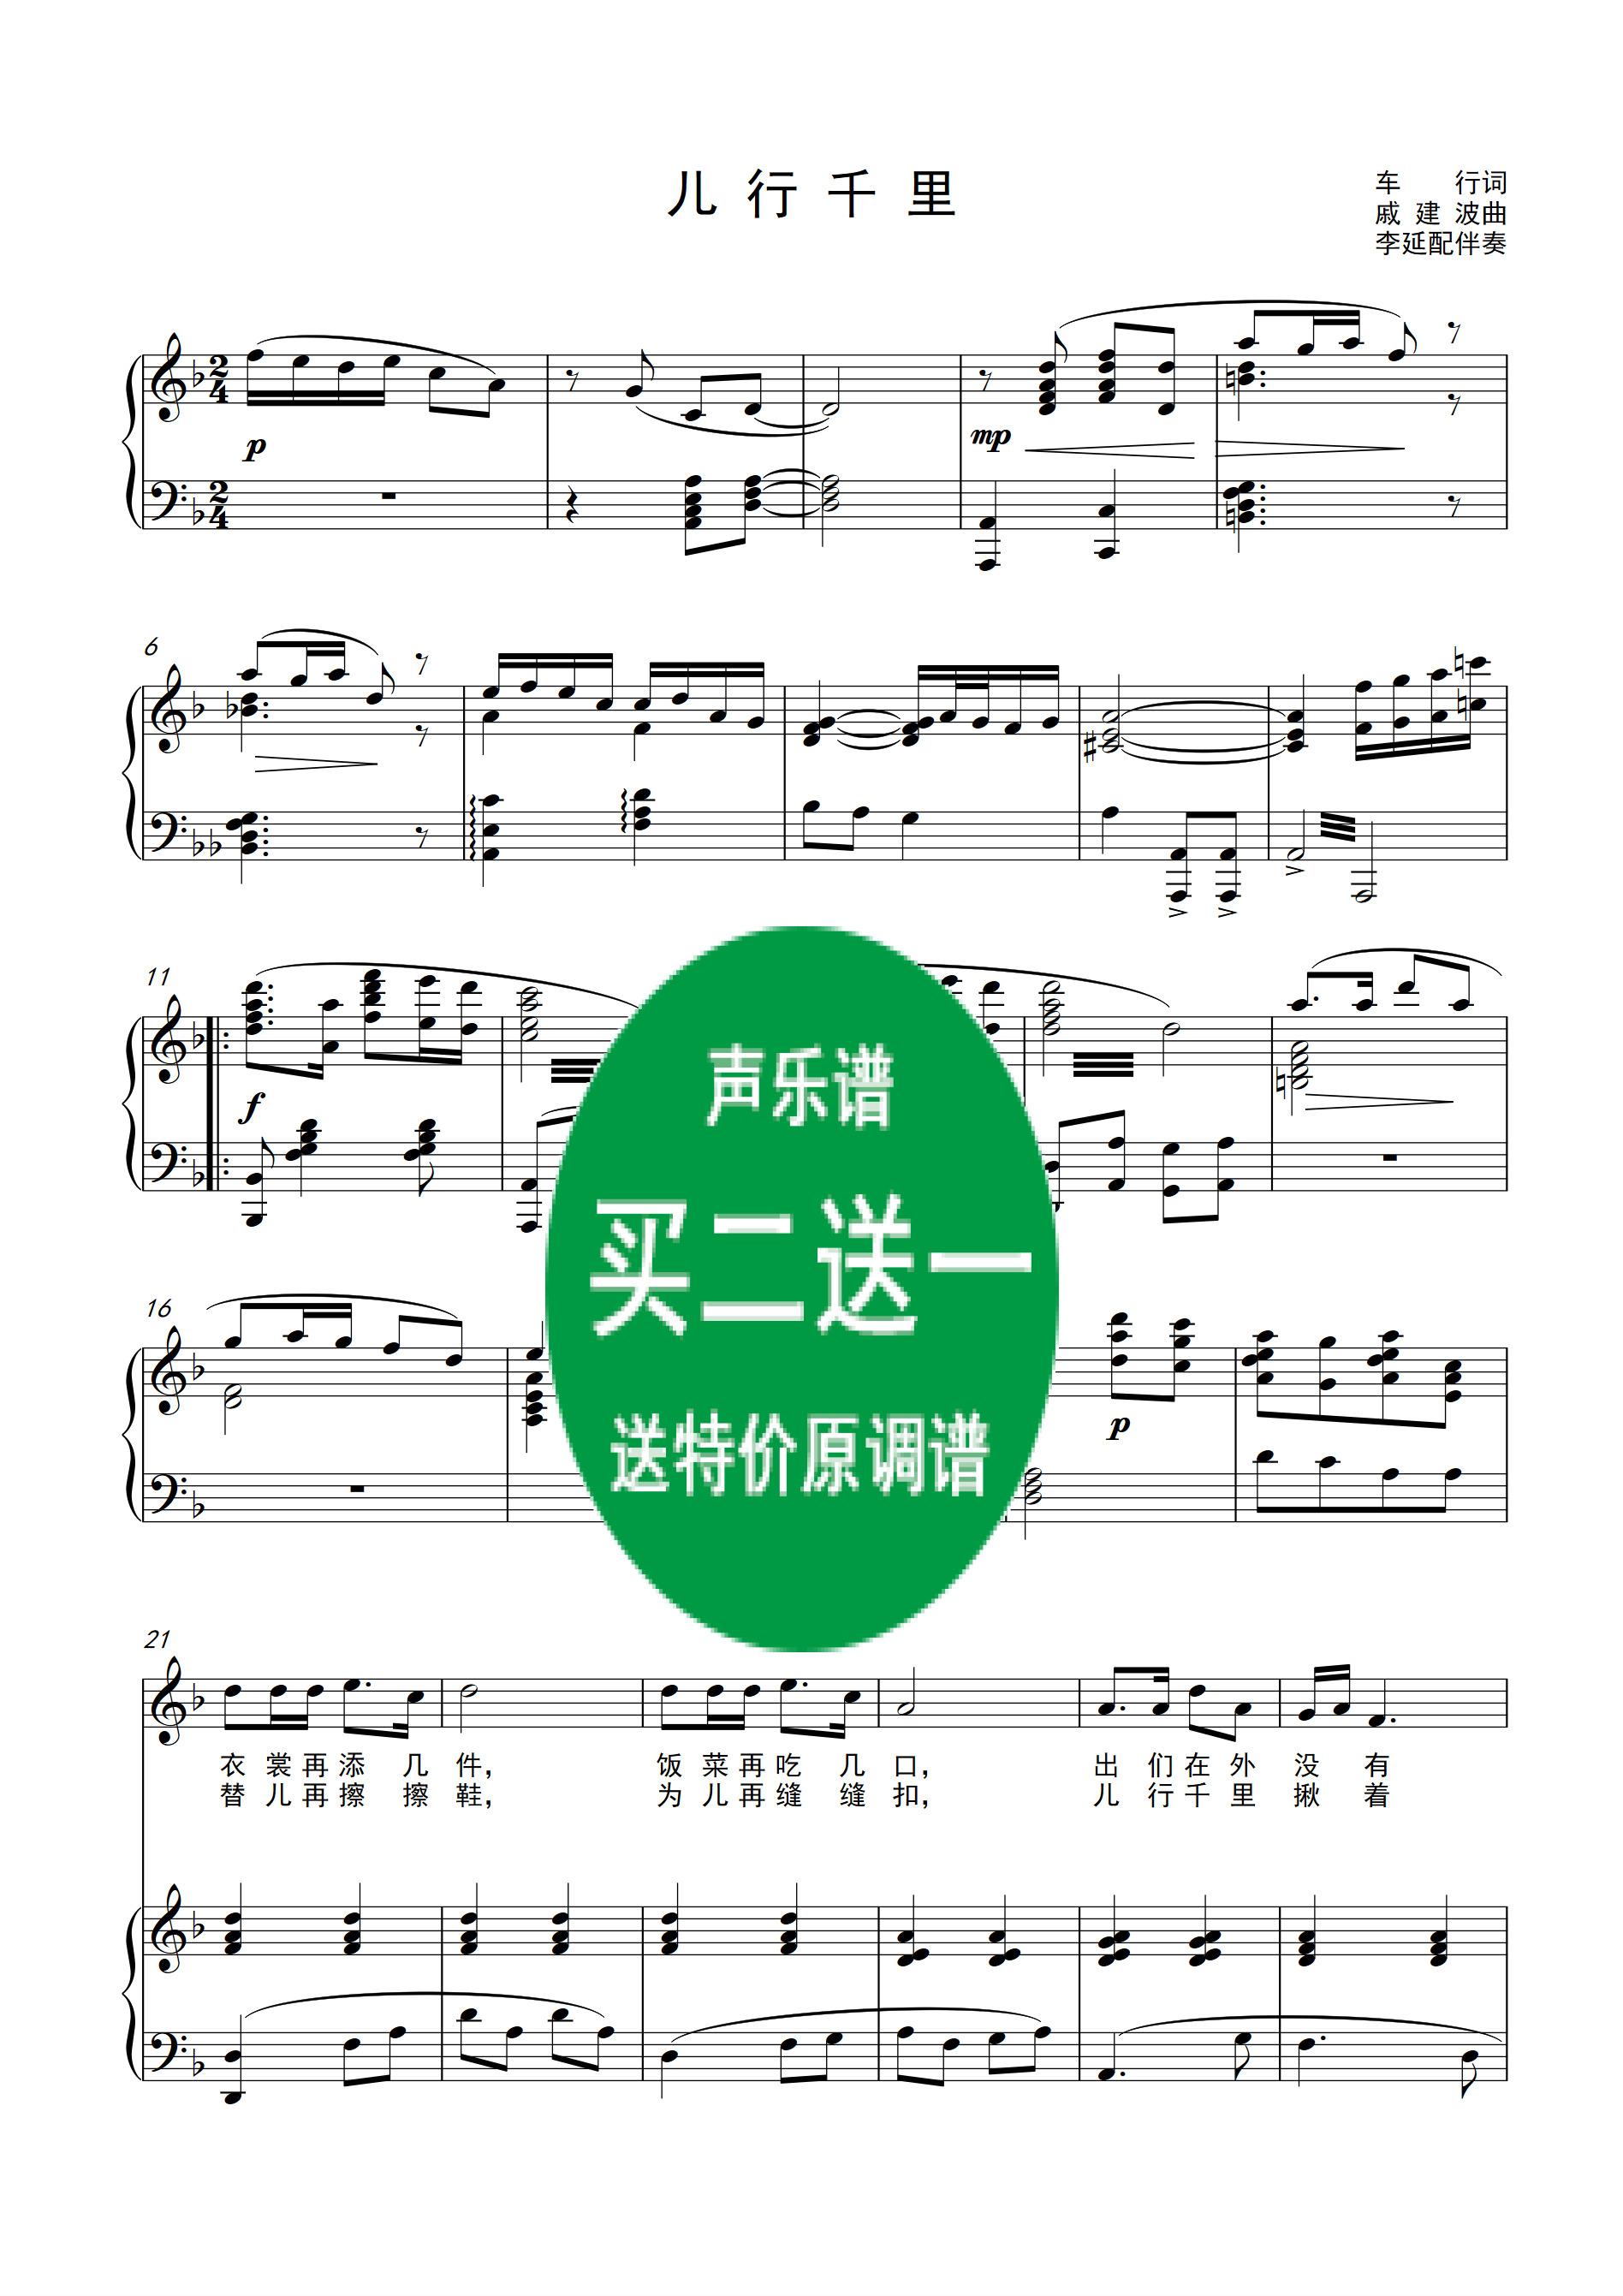 儿行千里 f调 艺考高考声乐钢琴伴奏正谱五线谱 特价高清版乐谱图片